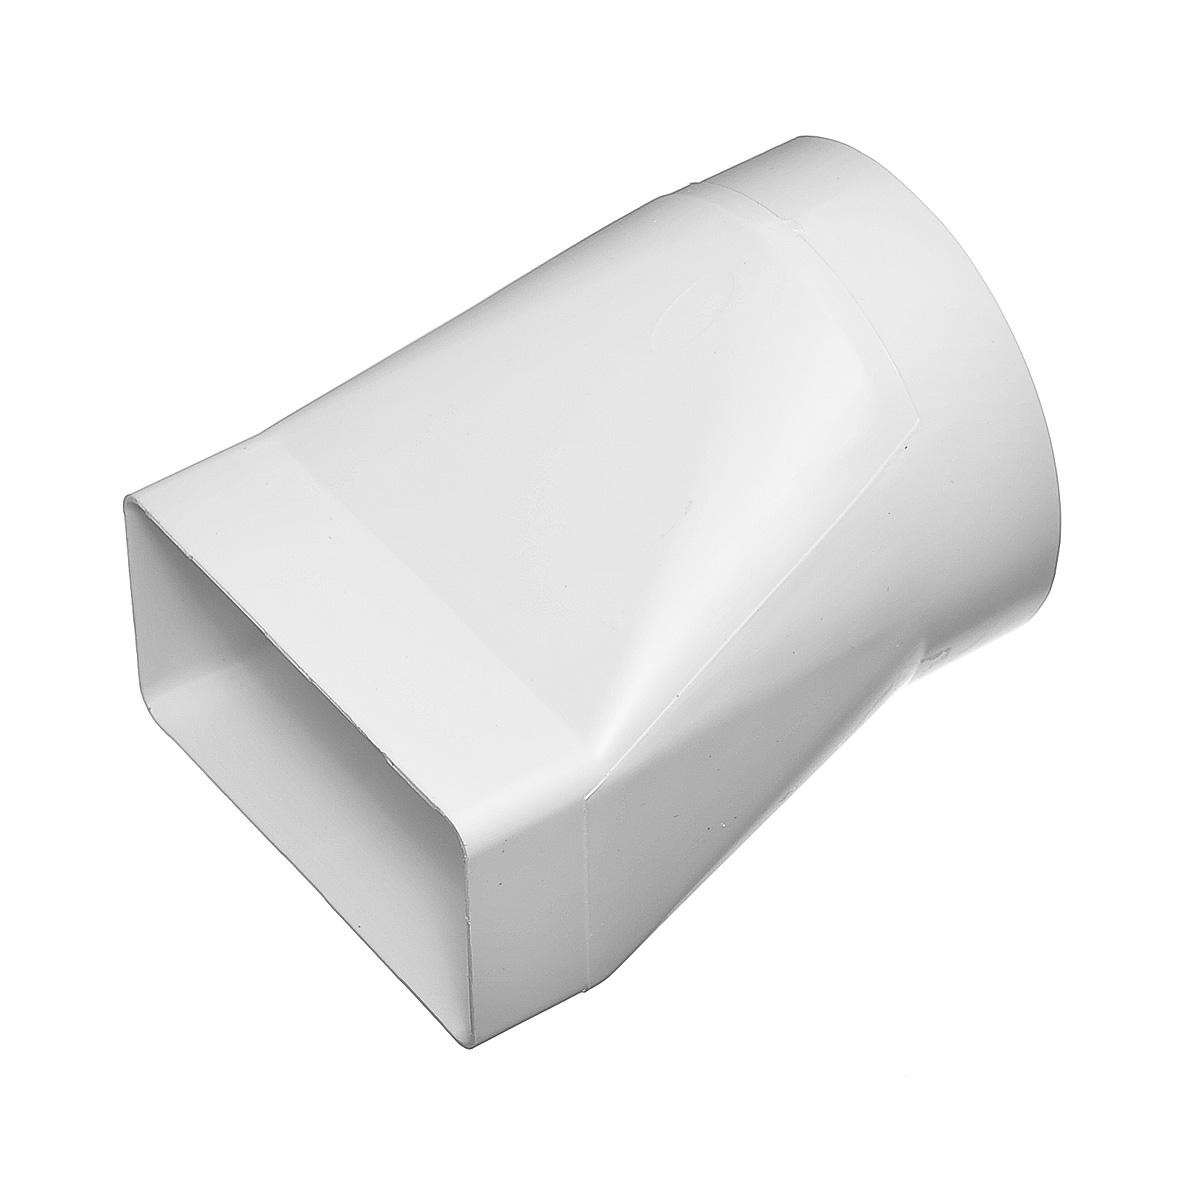 Купить Переход эксцентриковый пластиковый для вентиляционных коробов 55х110 мм с круглыми D100 мм — Фото №1